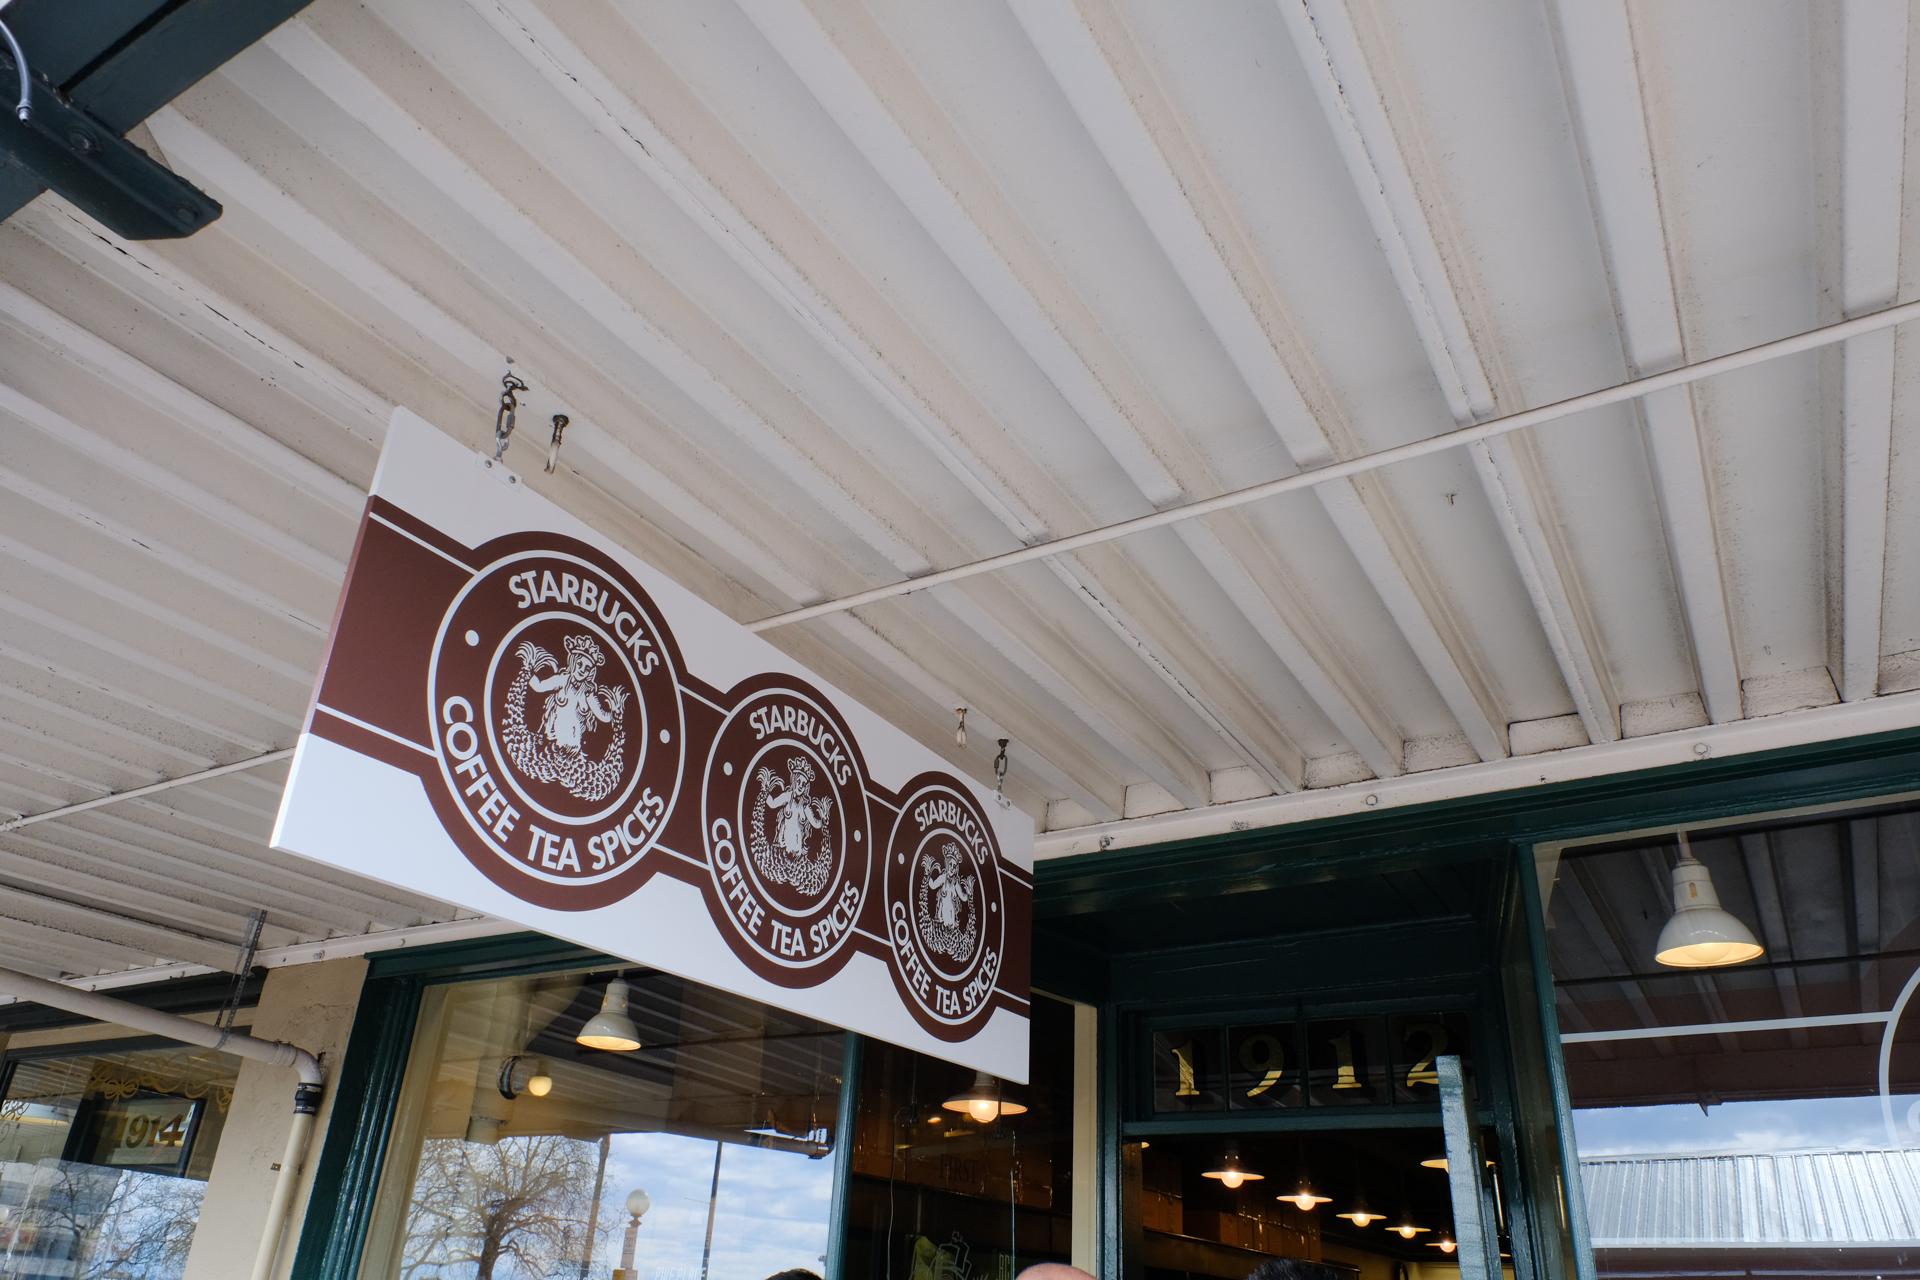 アメリカ シアトル スターバックスコーヒー1号店 富士フイルムX-Pro2 フジノンレンズ XF16-55mmF2.8 R LM WR